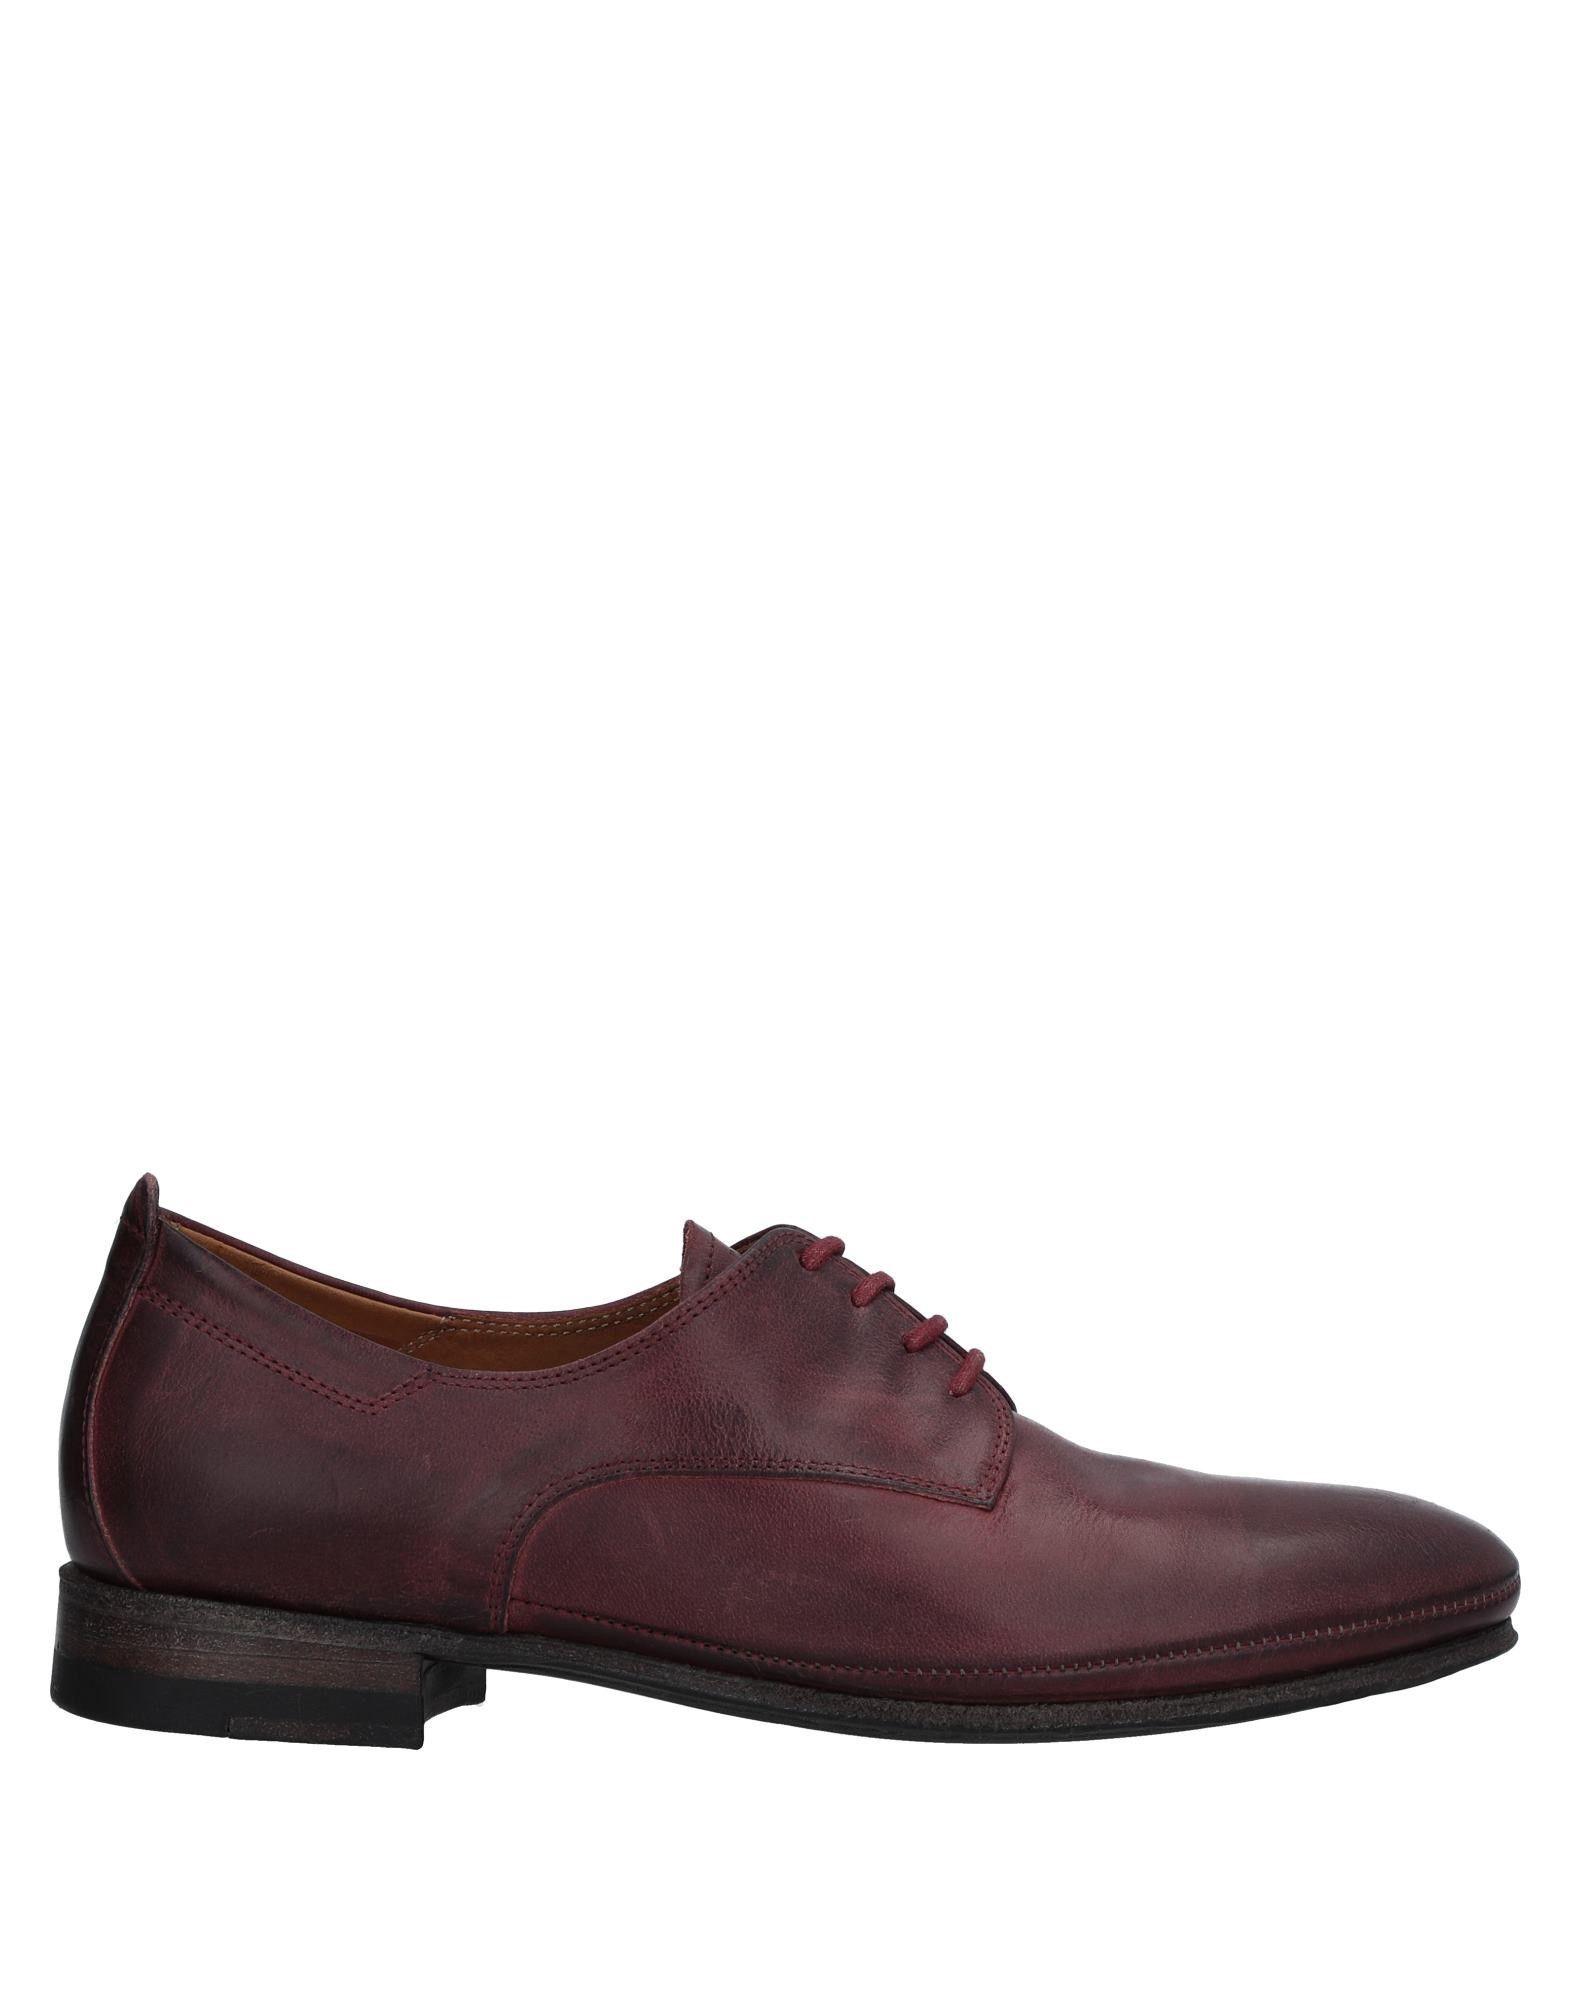 N.D.C. Made By Hand Schnürschuhe Damen  11526044CMGut aussehende strapazierfähige Schuhe